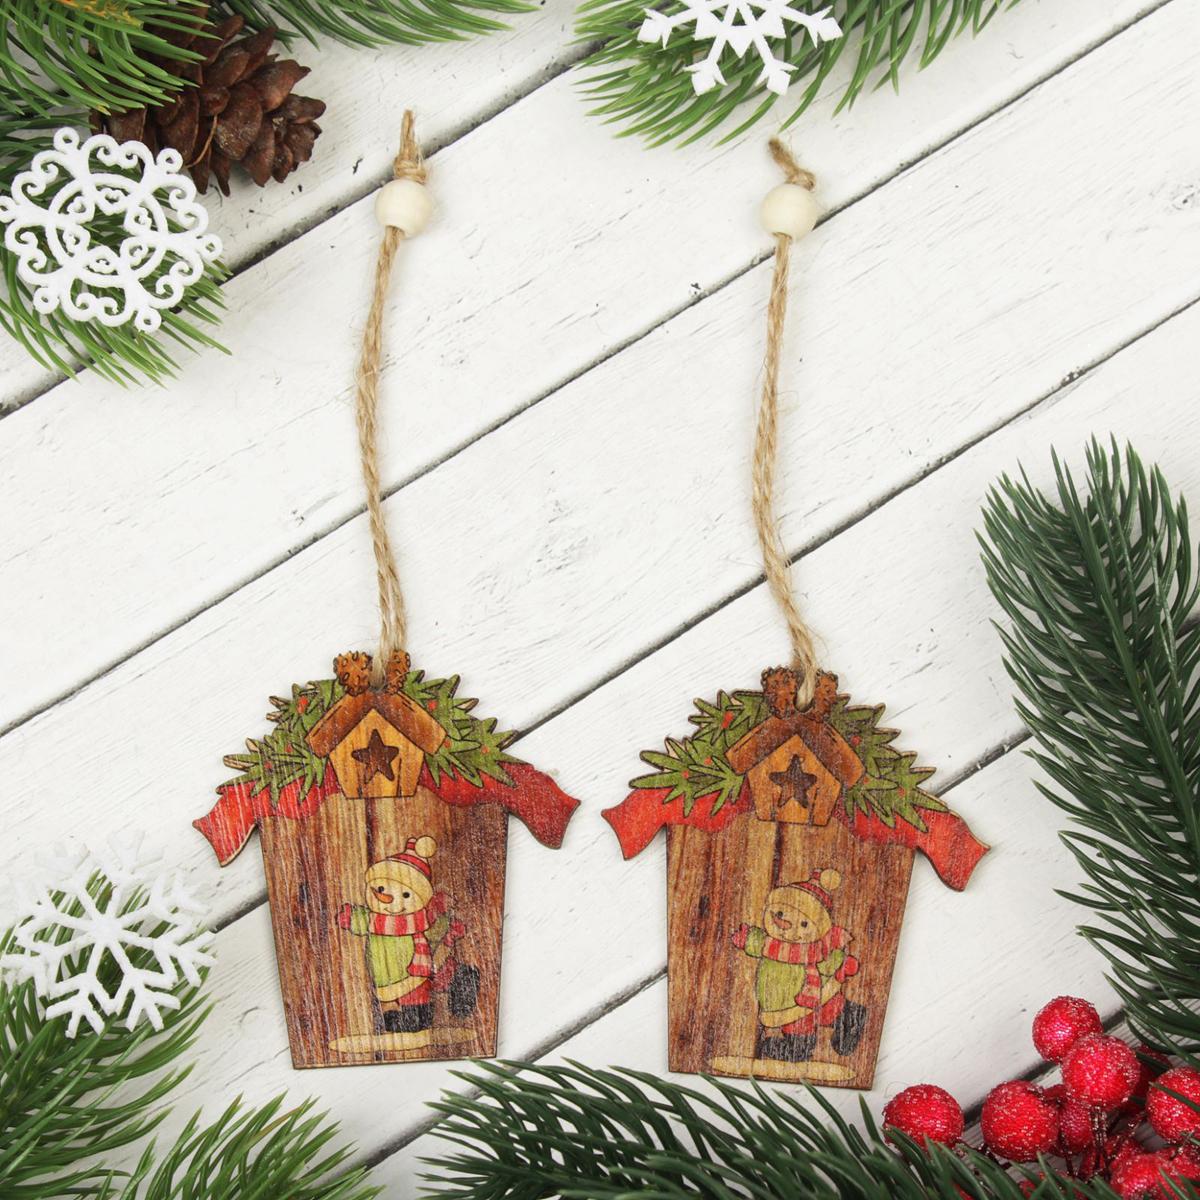 Подвеска новогодняя Снеговичок в домике, 7 х 6,5 см, 2 шт2303265Новогодняя подвеска Снеговик в домике выполнена из дерева в виде домика с изображением снеговика. Подвеску можно повесить на елку благодаря специальному текстильному шнурку. Невозможно представить нашу жизнь без праздников! Мы всегда ждем их и предвкушаем, обдумываем, как проведем памятный день, тщательно выбираем подарки и аксессуары, ведь именно они создают и поддерживают торжественный настрой. Это отличный выбор, который привнесет атмосферу праздника в ваш дом!